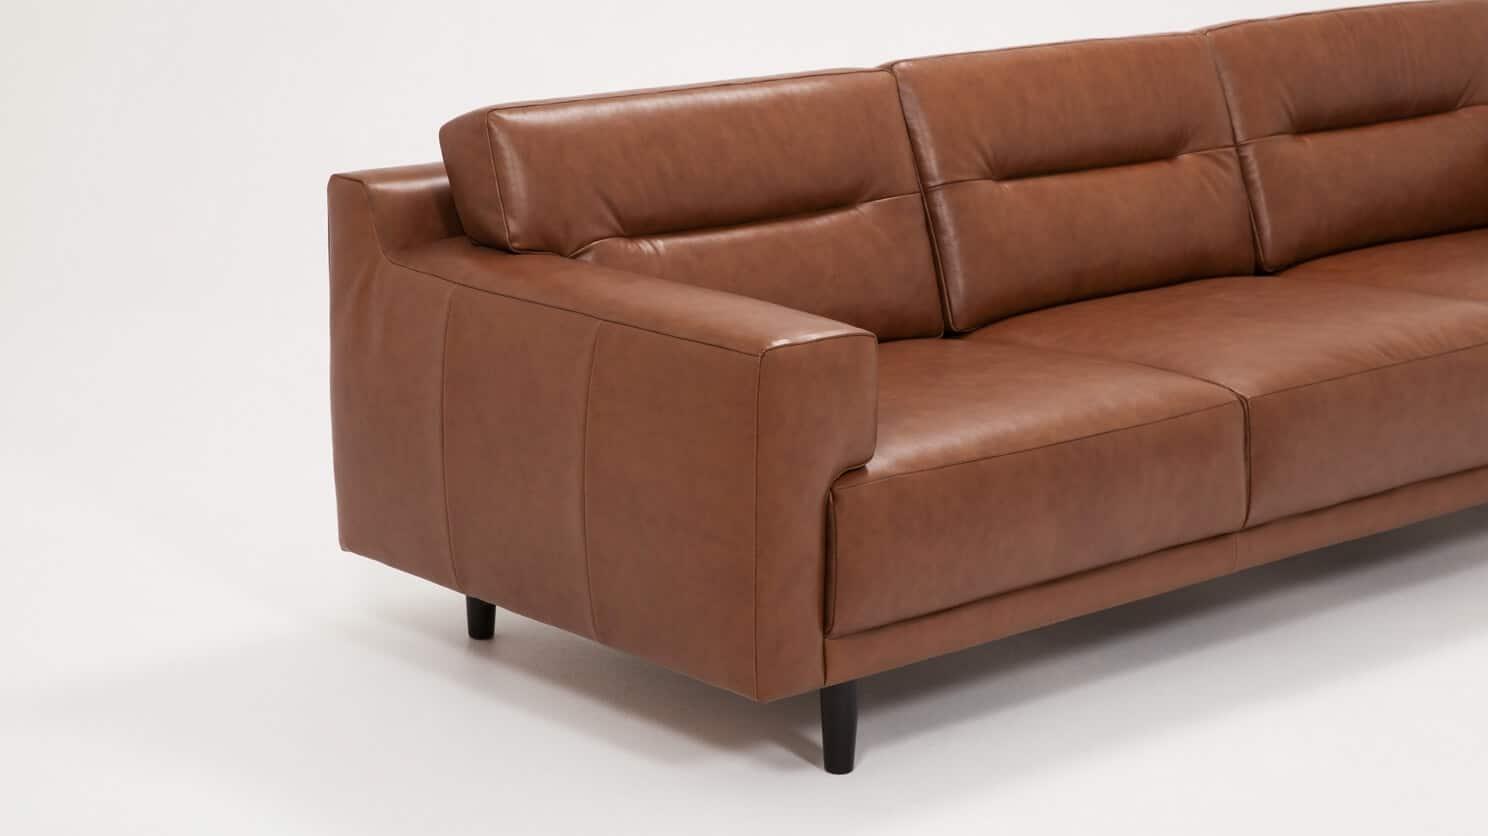 37132 s3 hp 3 sofas remi sofa classic sahara detail 01